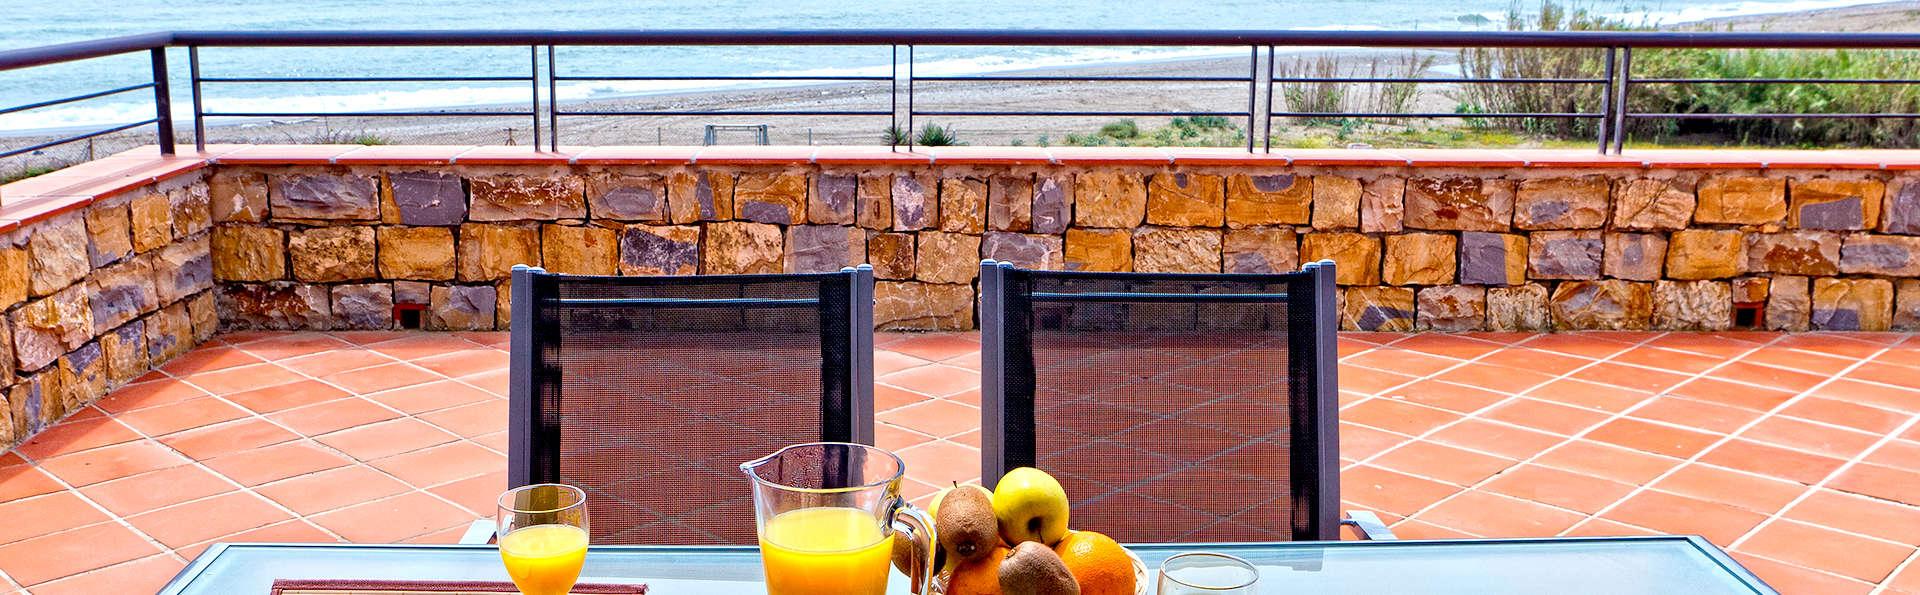 Vacaciones en familia con spa: apartamentos de lujo en Casares, Málaga